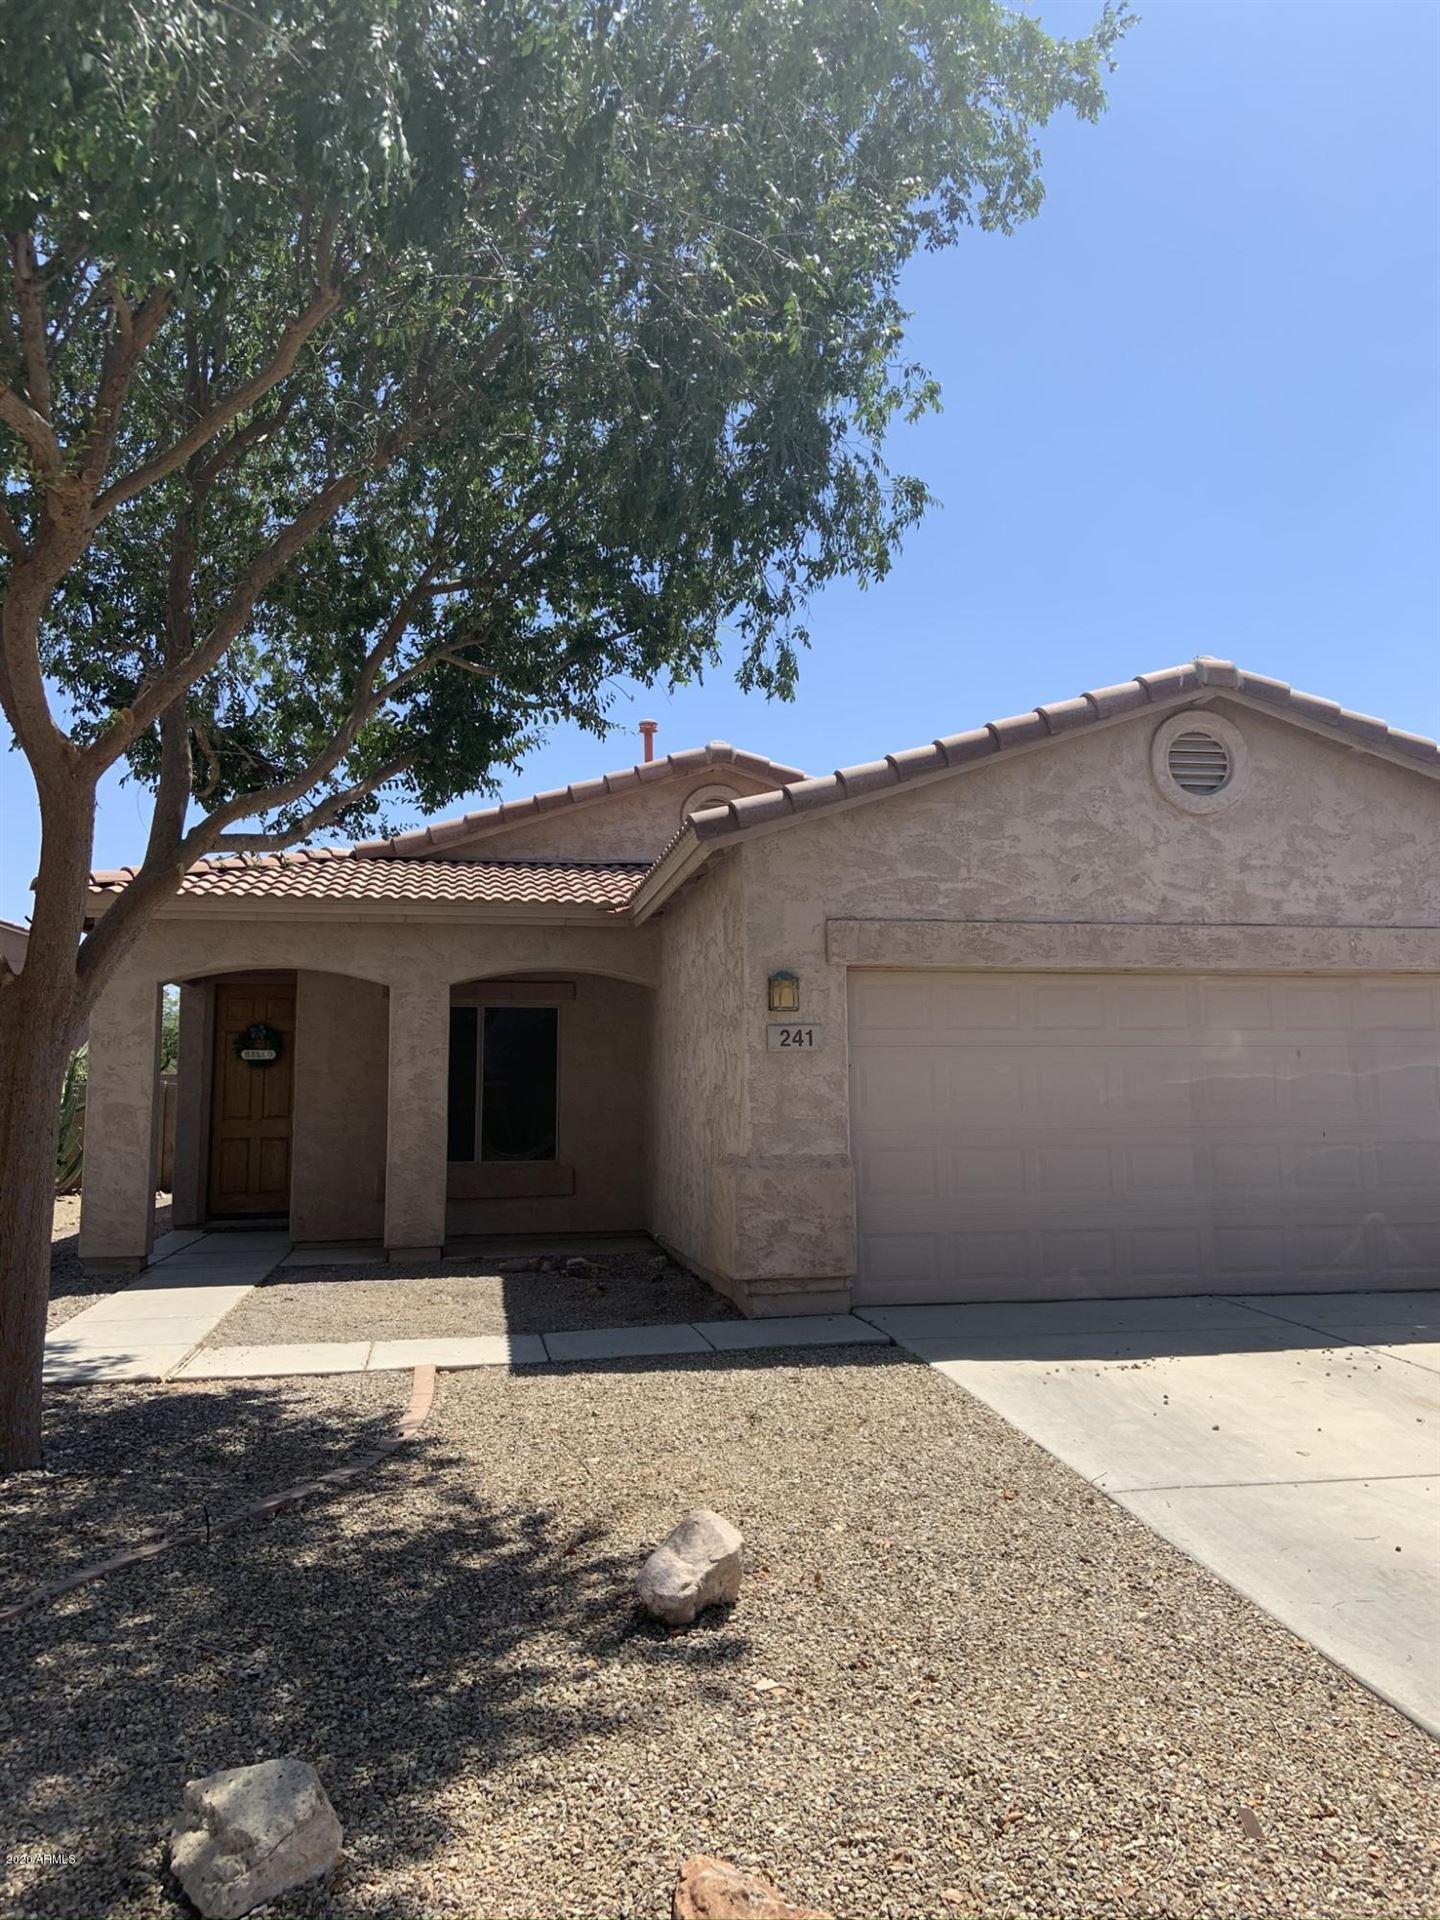 241 E MOUNTAIN VIEW Road, San Tan Valley, AZ 85143 - #: 6087069